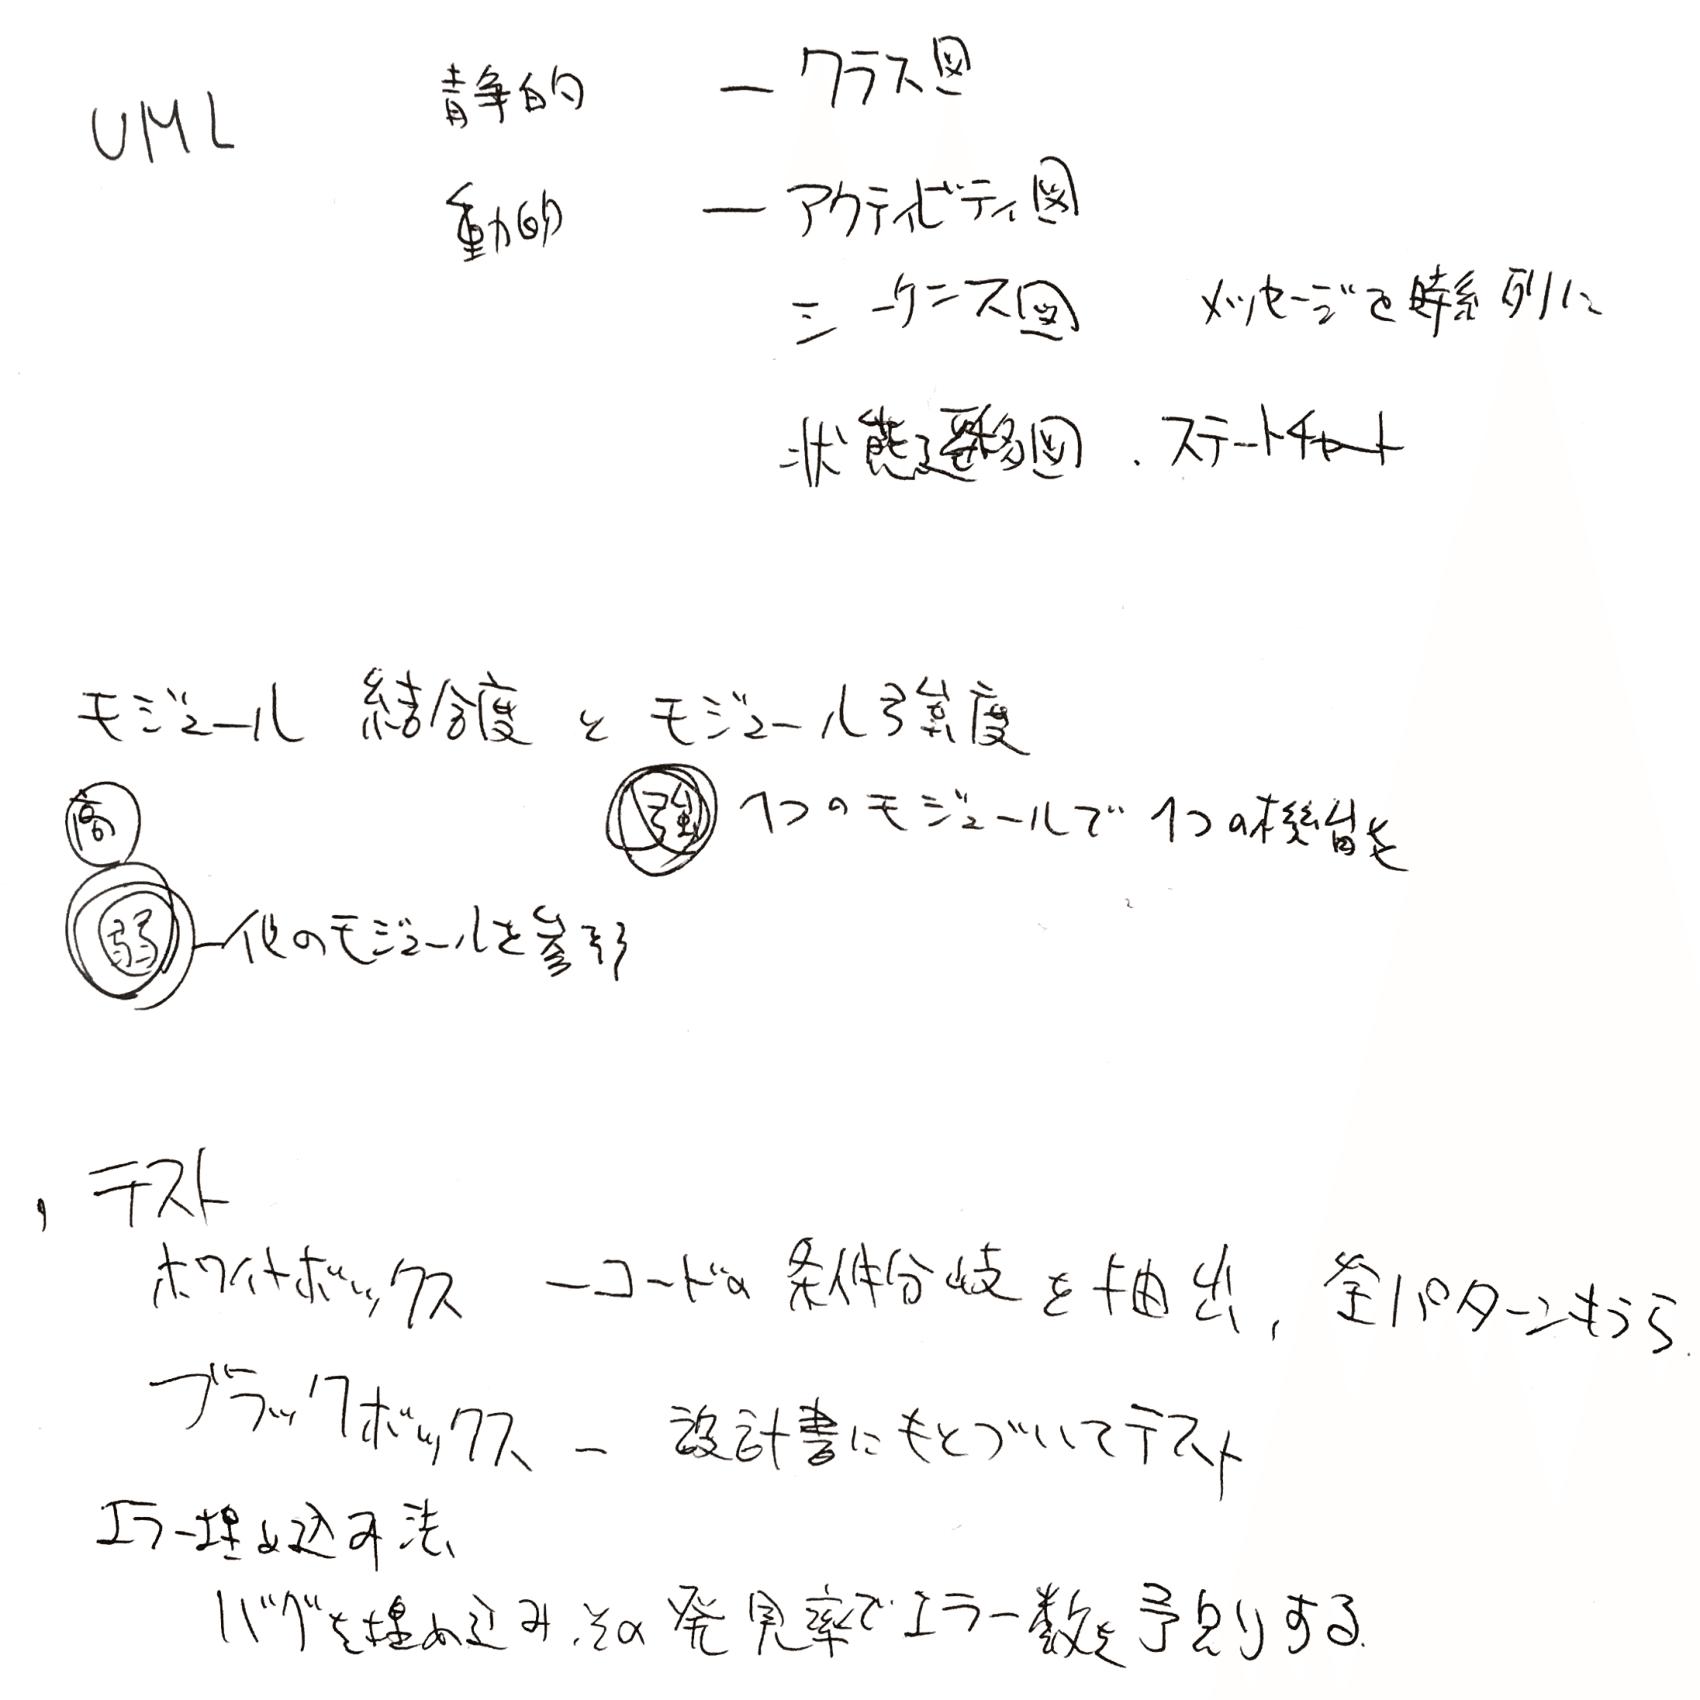 プロジェクトマネージャ試験_筆記-8.png